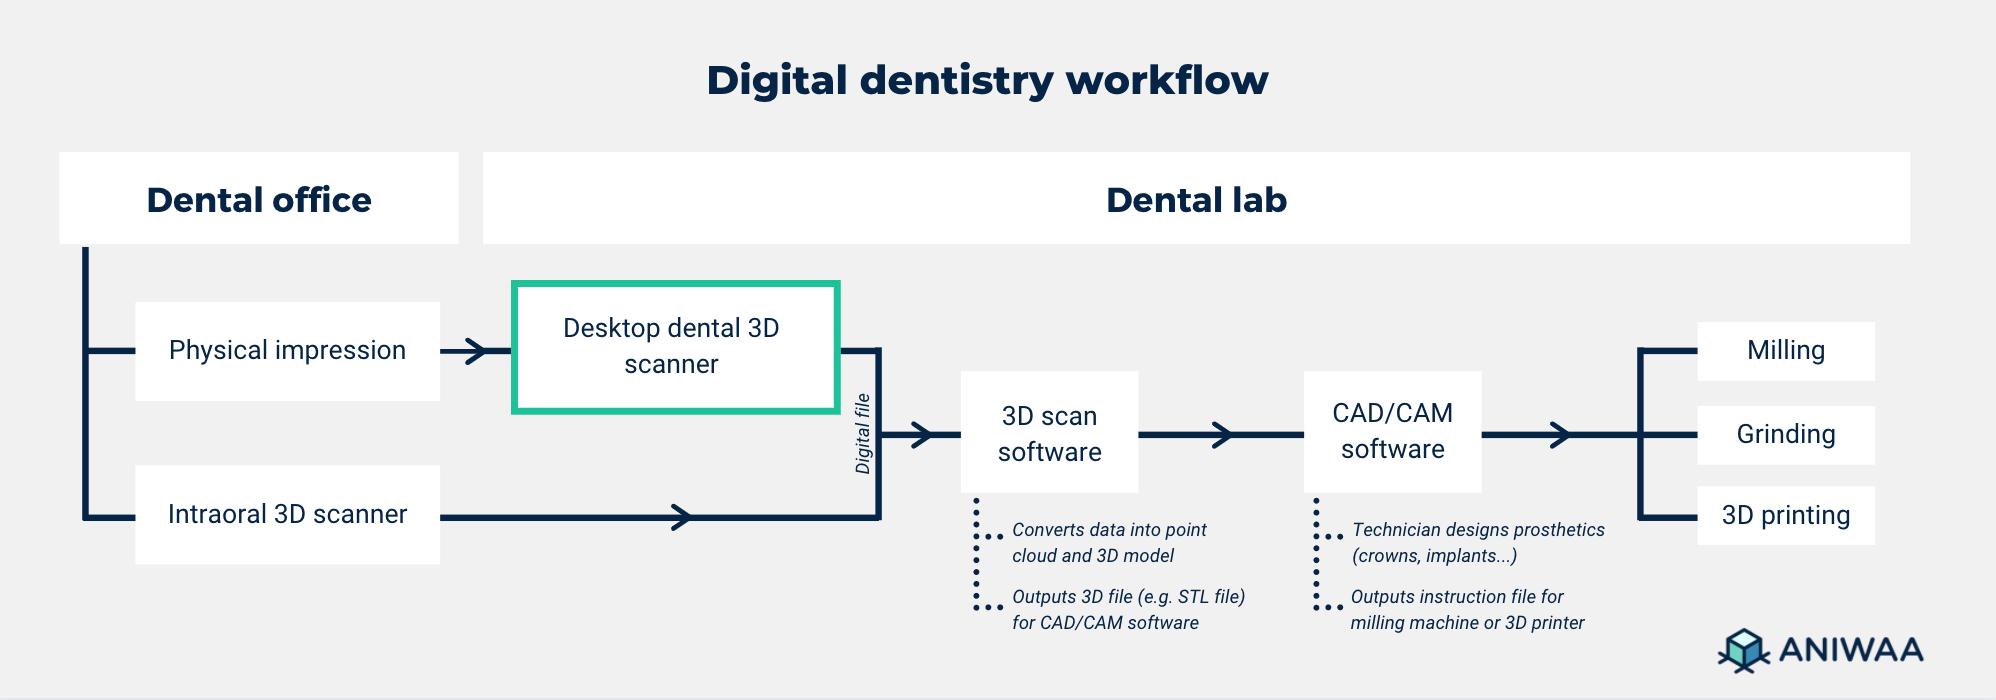 Digital dentistry workflow